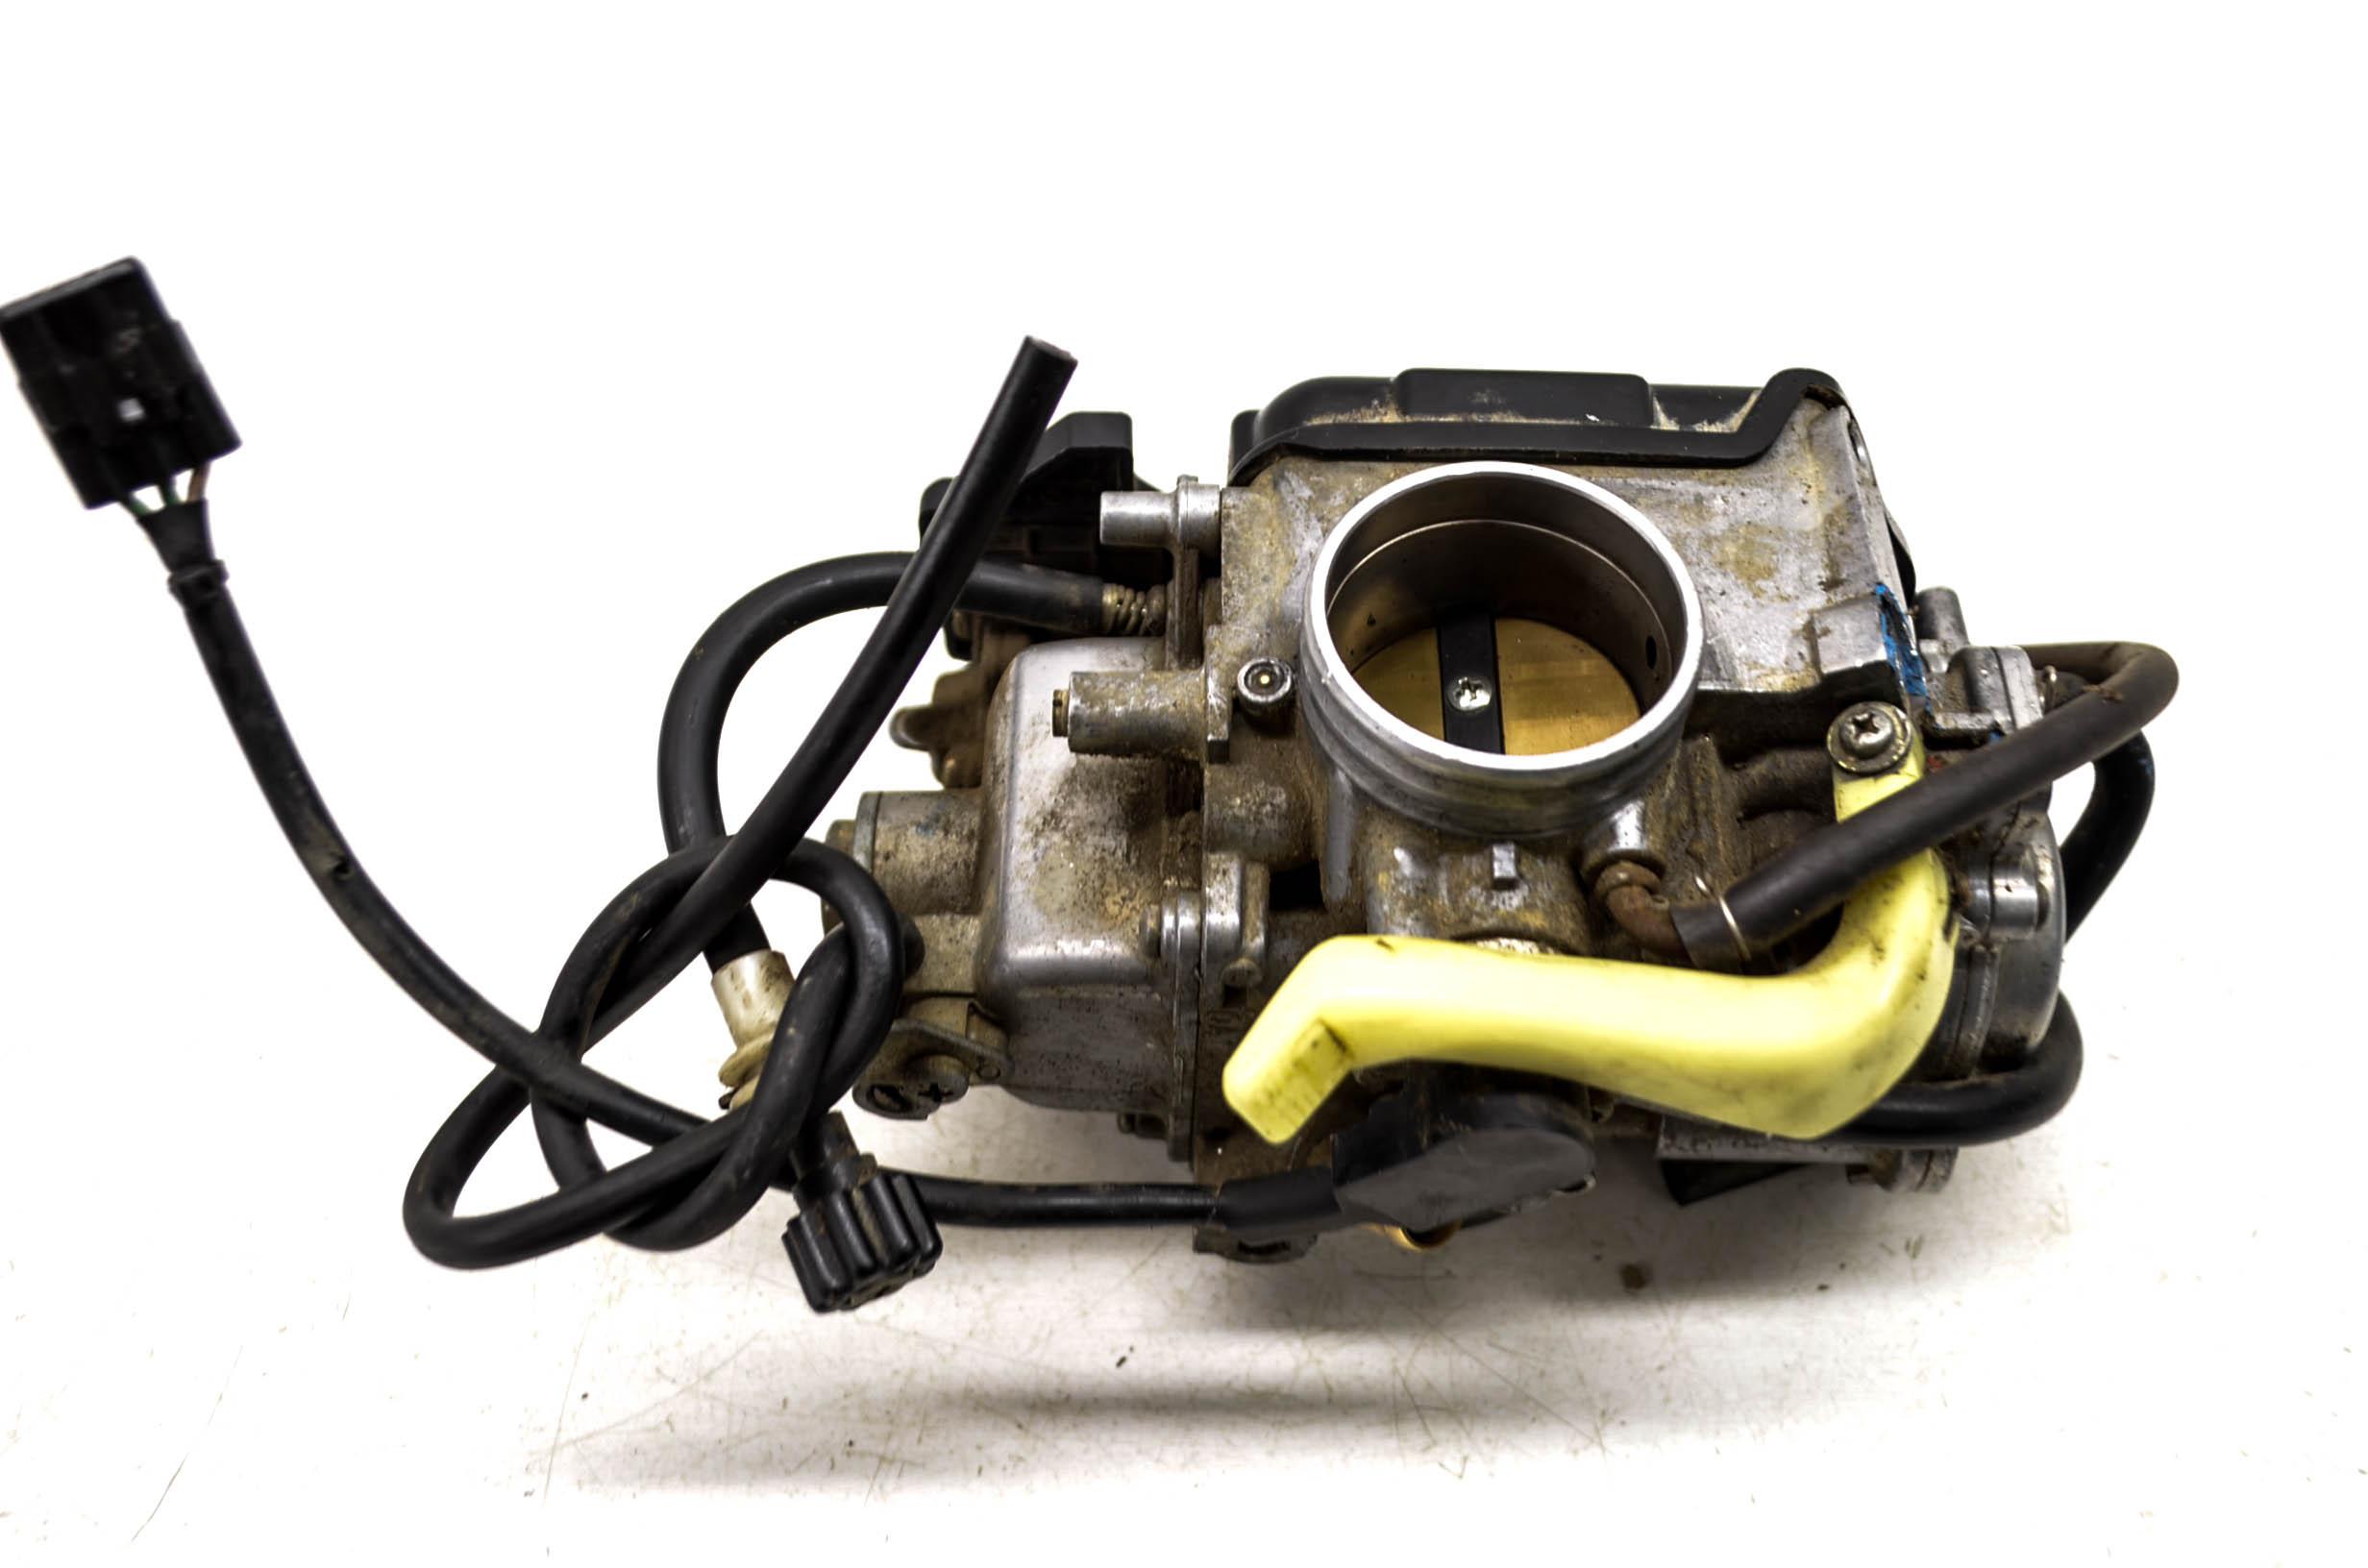 05 Honda Sportrax 450 2x4 Carburetor Carb TRX450R